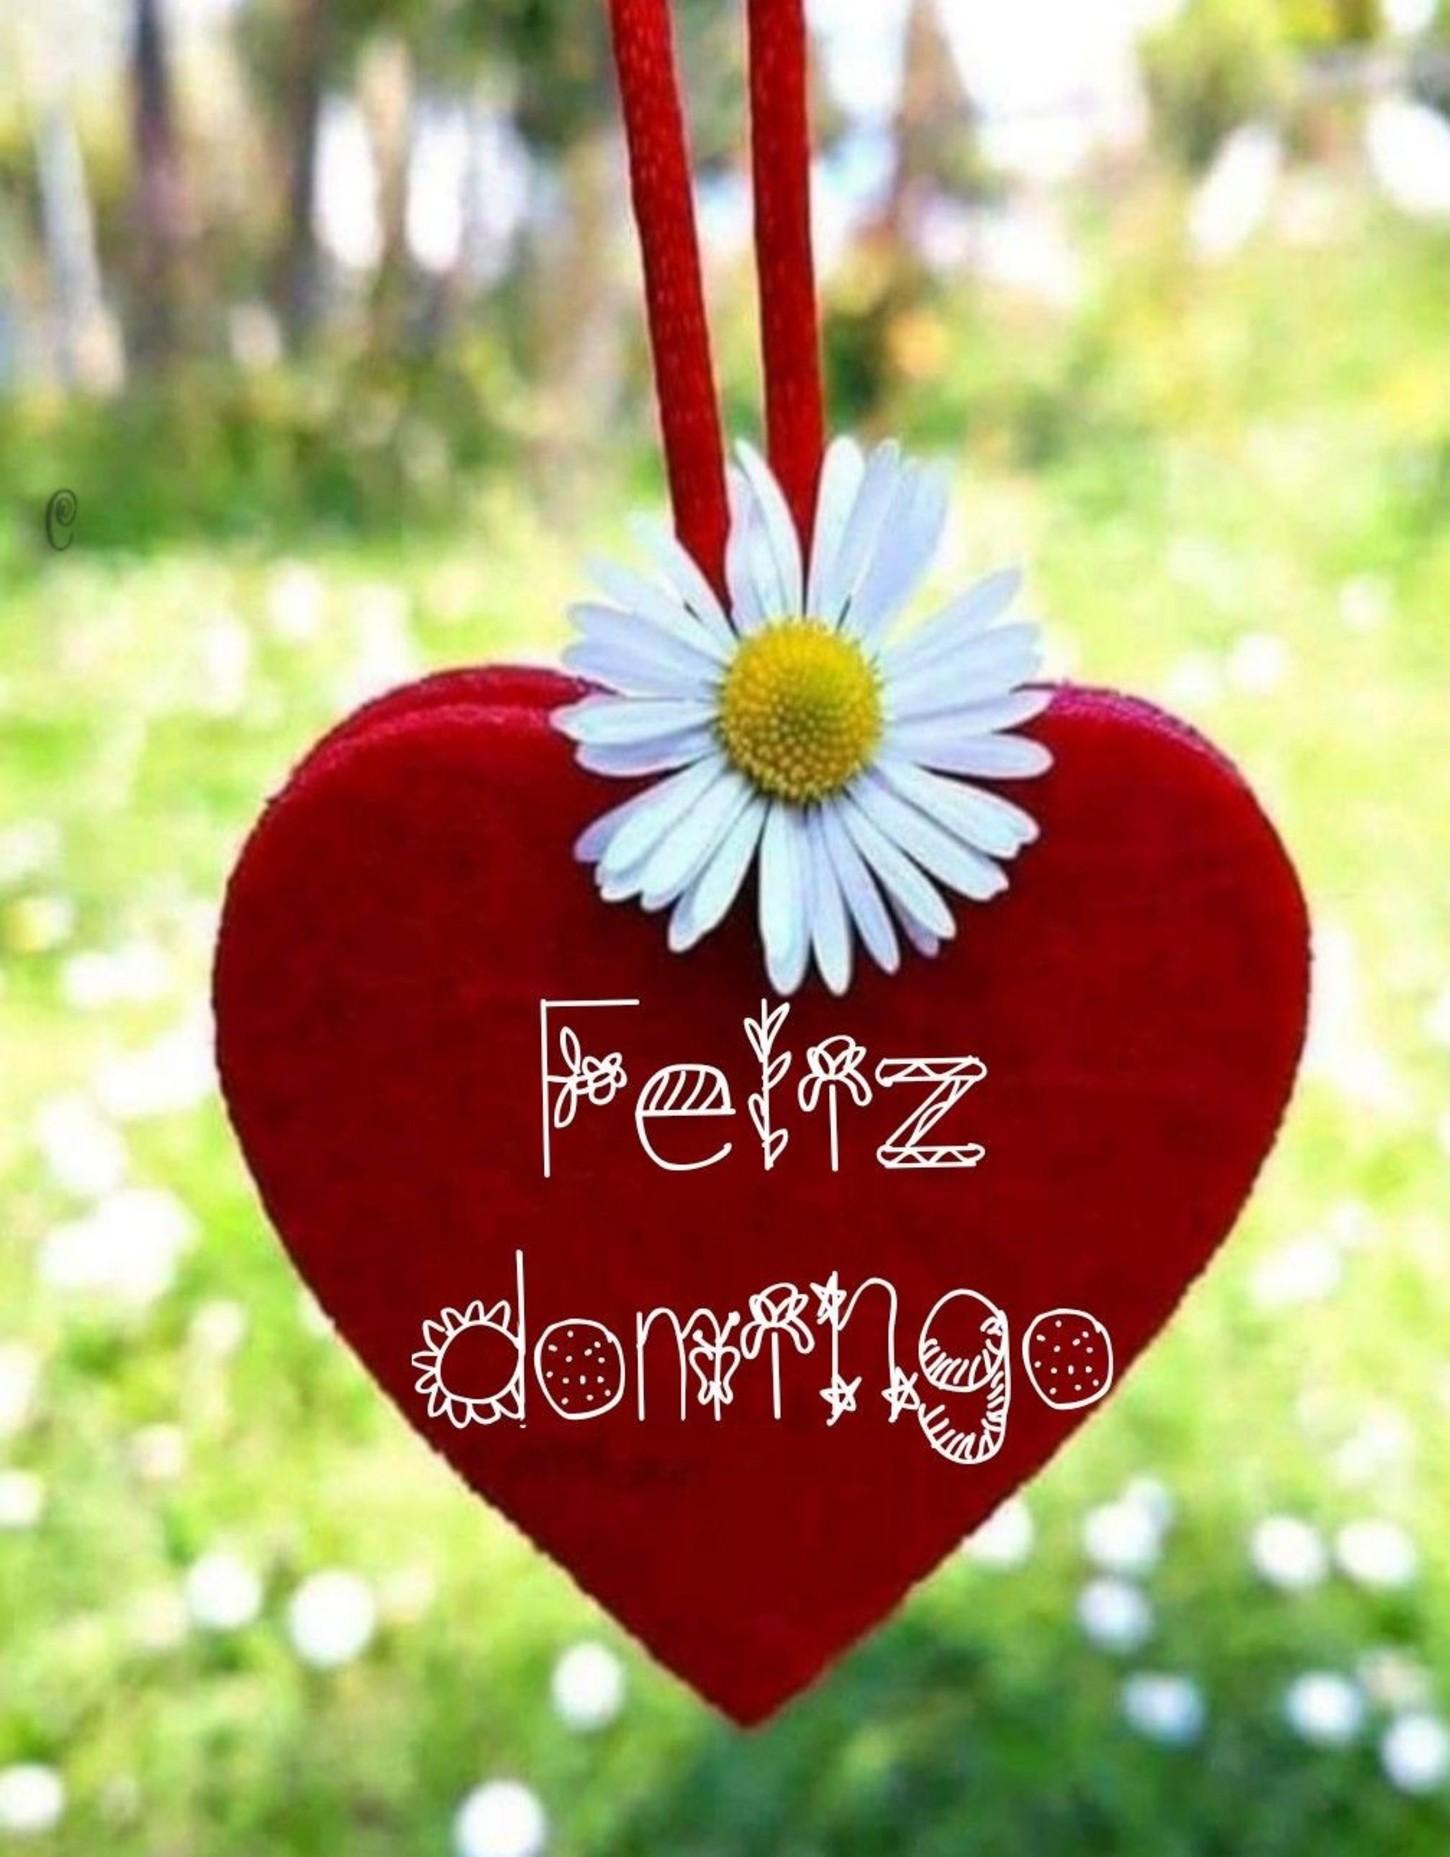 Feliz Domingo Bonitas Imágenes 238 Bonitasimagenesnet